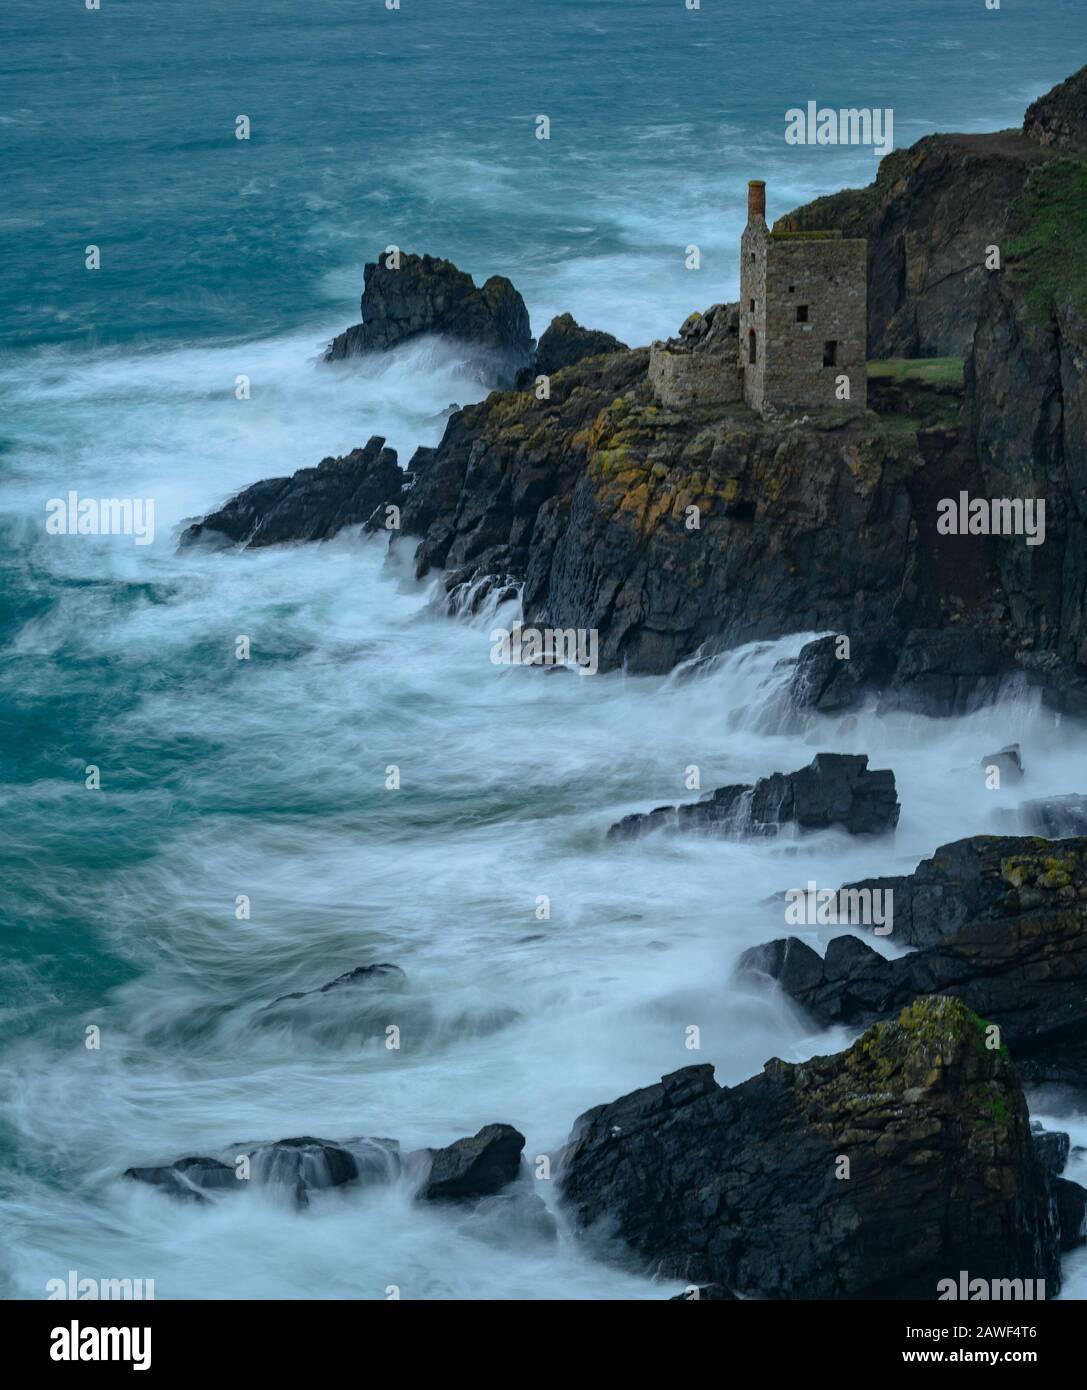 Botallack Mines, Cornwall, 8 De Febrero De 2020. Clima en el Reino Unido: Los vientos fuertes azotan la costa de Cornualles y las olas del Atlántico se estrellan en las rocas de Botallak Mines cerca de St Just, Cornwall el sábado por la tarde antes de la tormenta Ciara. Se han emitido avisos meteorológicos severos con vientos de 80 mph y pronósticos de lluvia intensa cuando el impacto total de la tormenta llega mañana al Reino Unido. Se han emitido advertencias sobre la interrupción generalizada de los viajes. Crédito: Celia Mcmahon/Alamy Live News Foto de stock